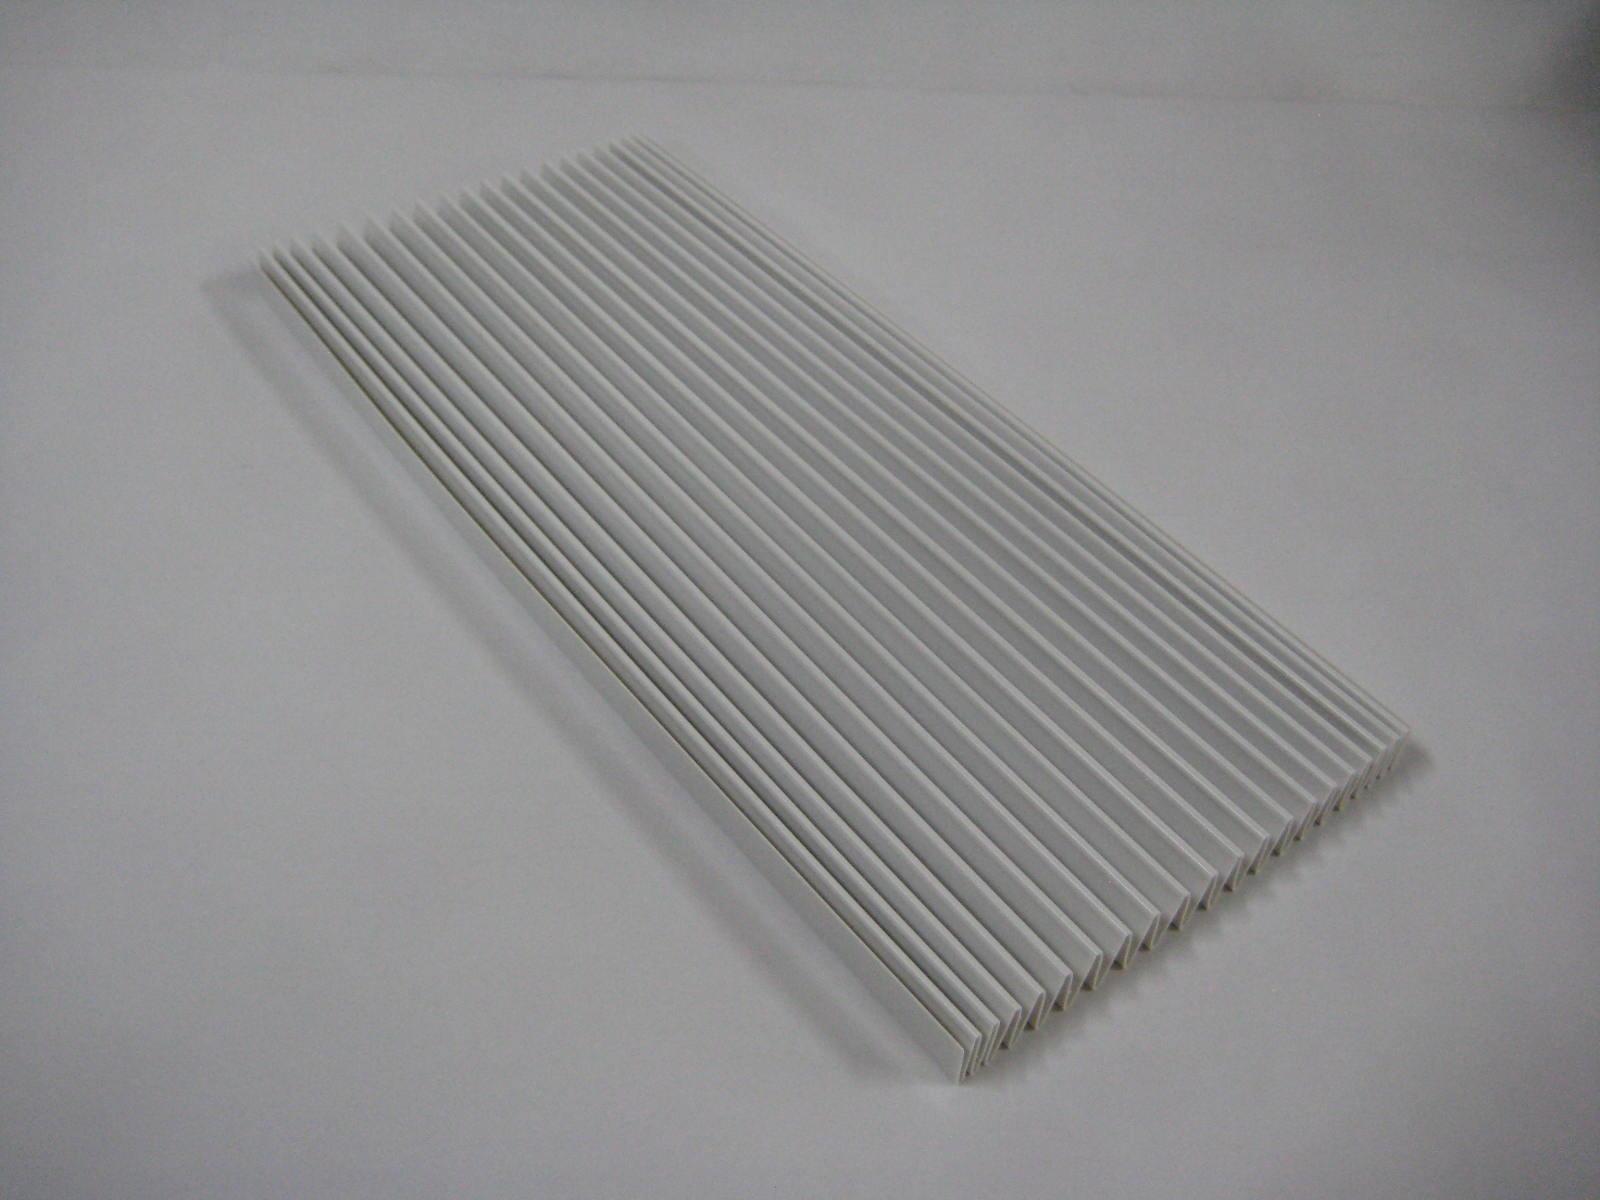 コロナ部品:アコーディオンパネル セール品 320097002冷房専用ウィンドエアコン用 安売り